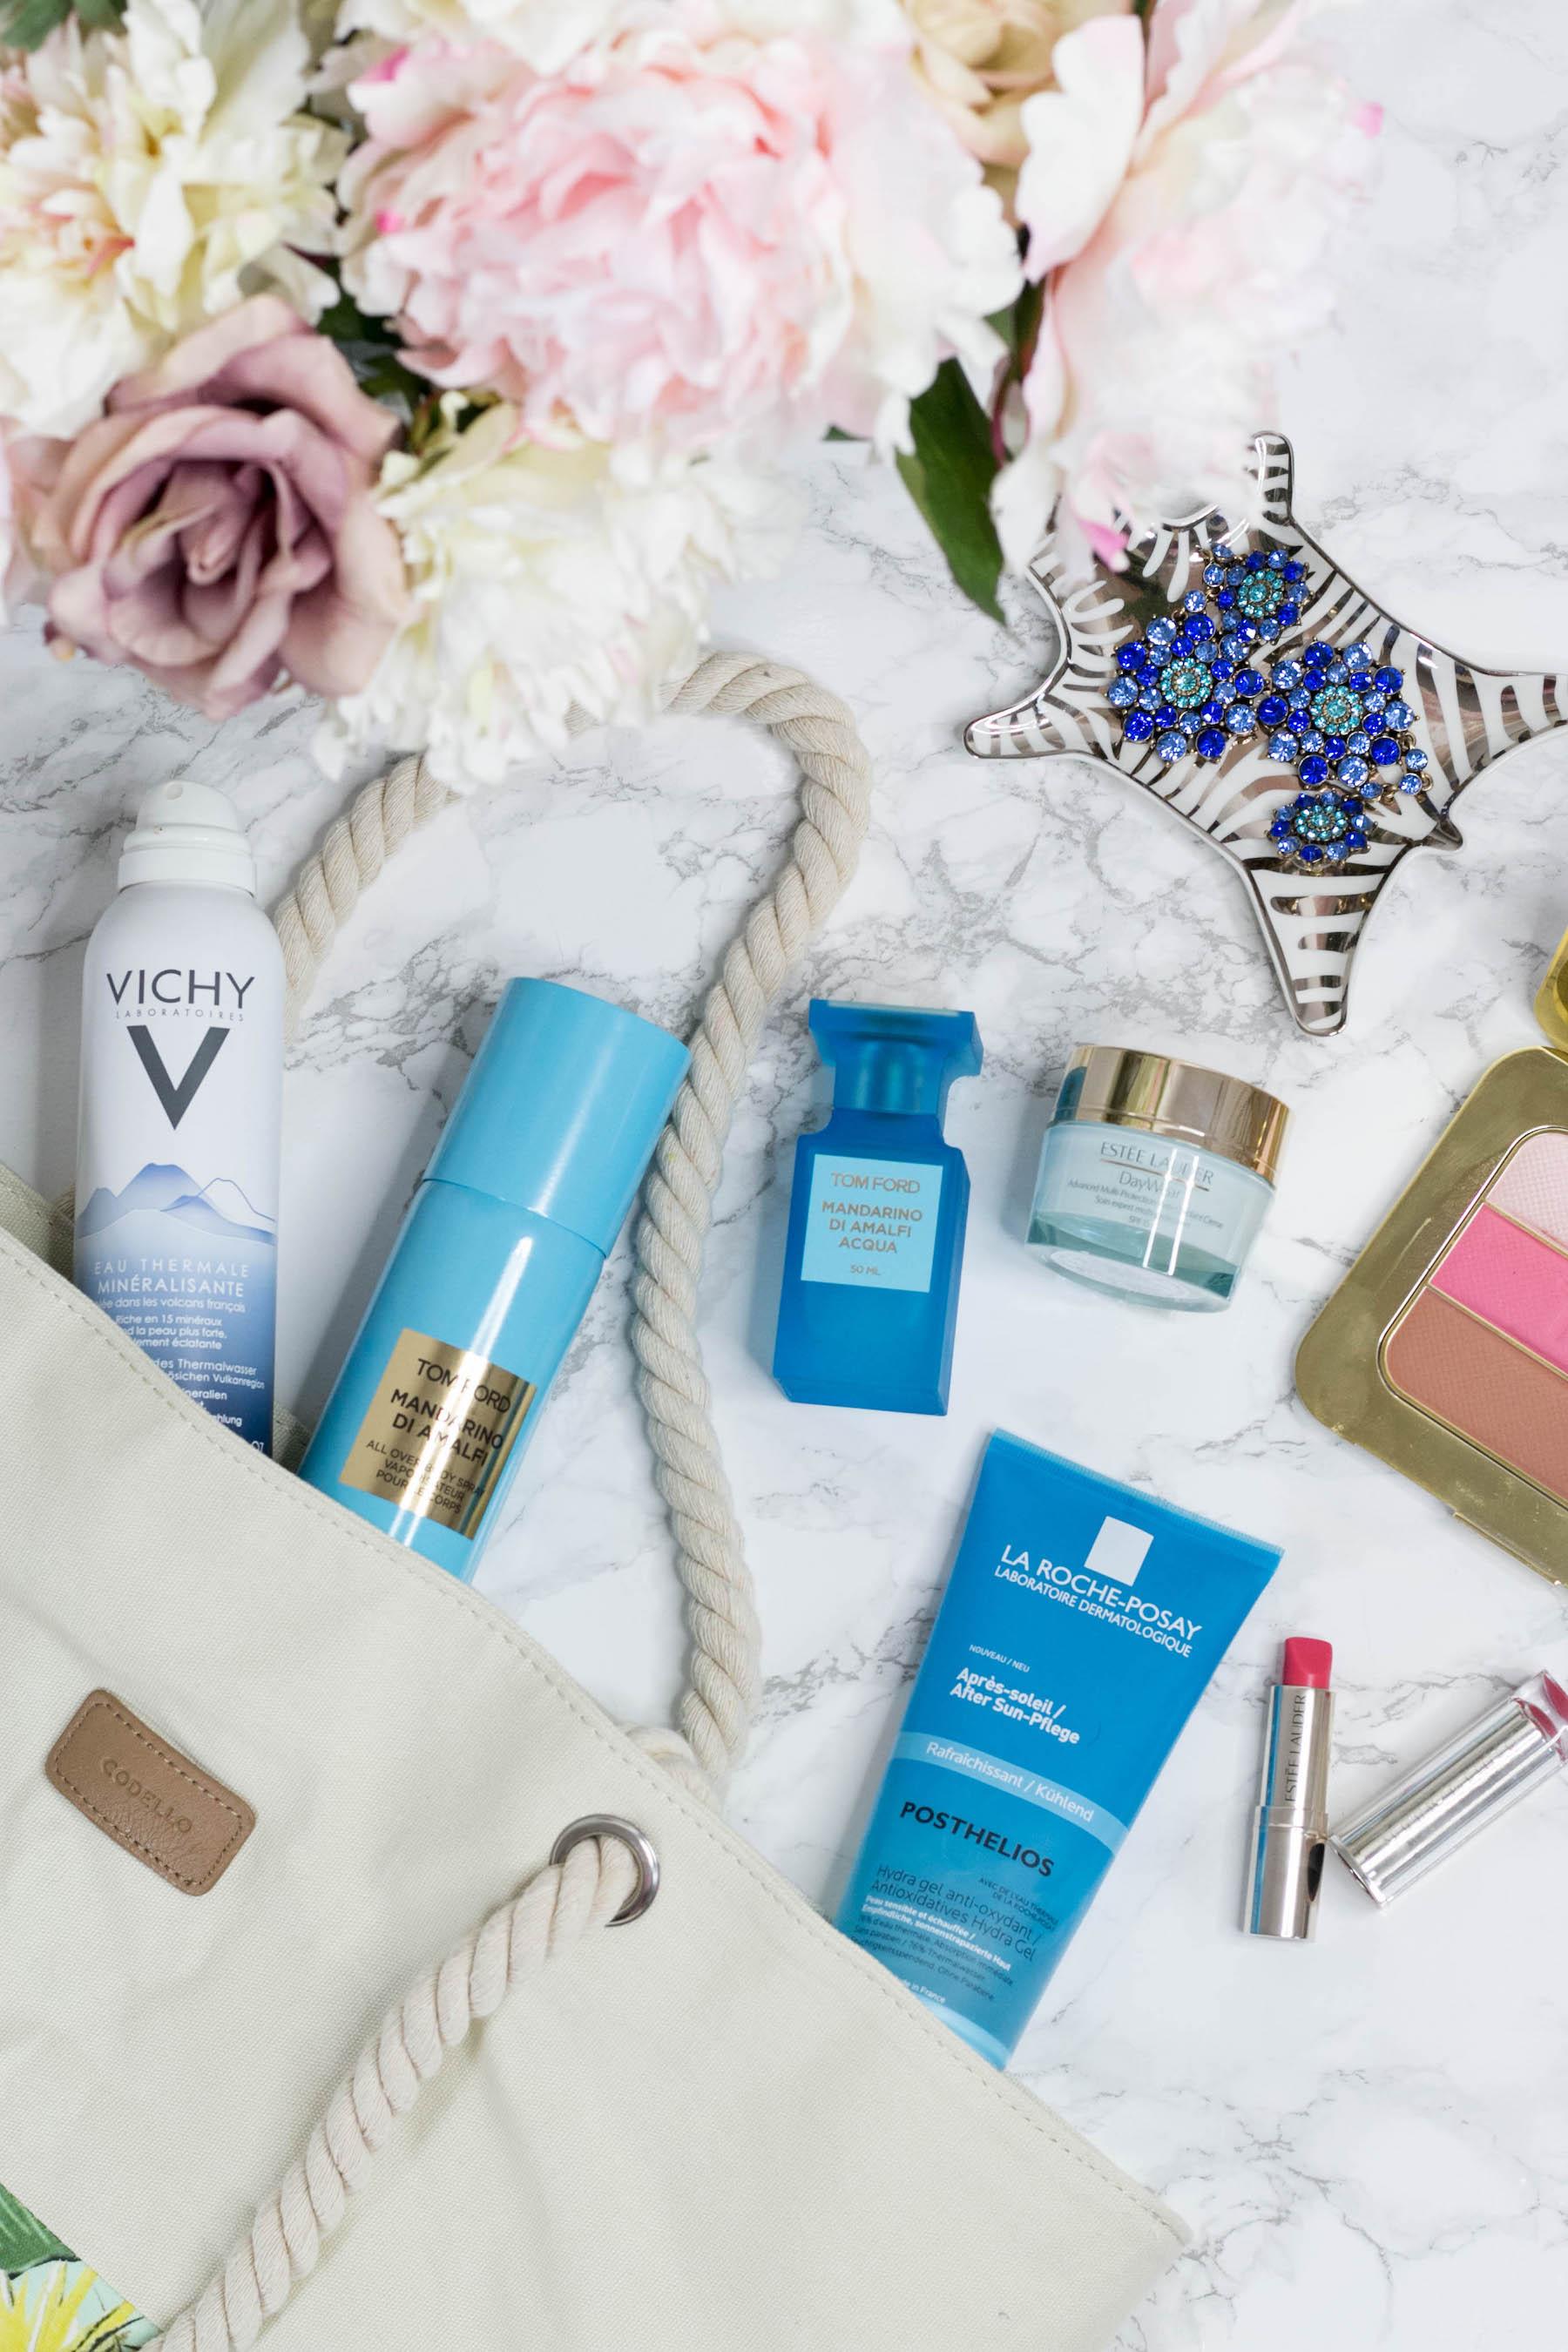 die besten beauty produkte für den sommer